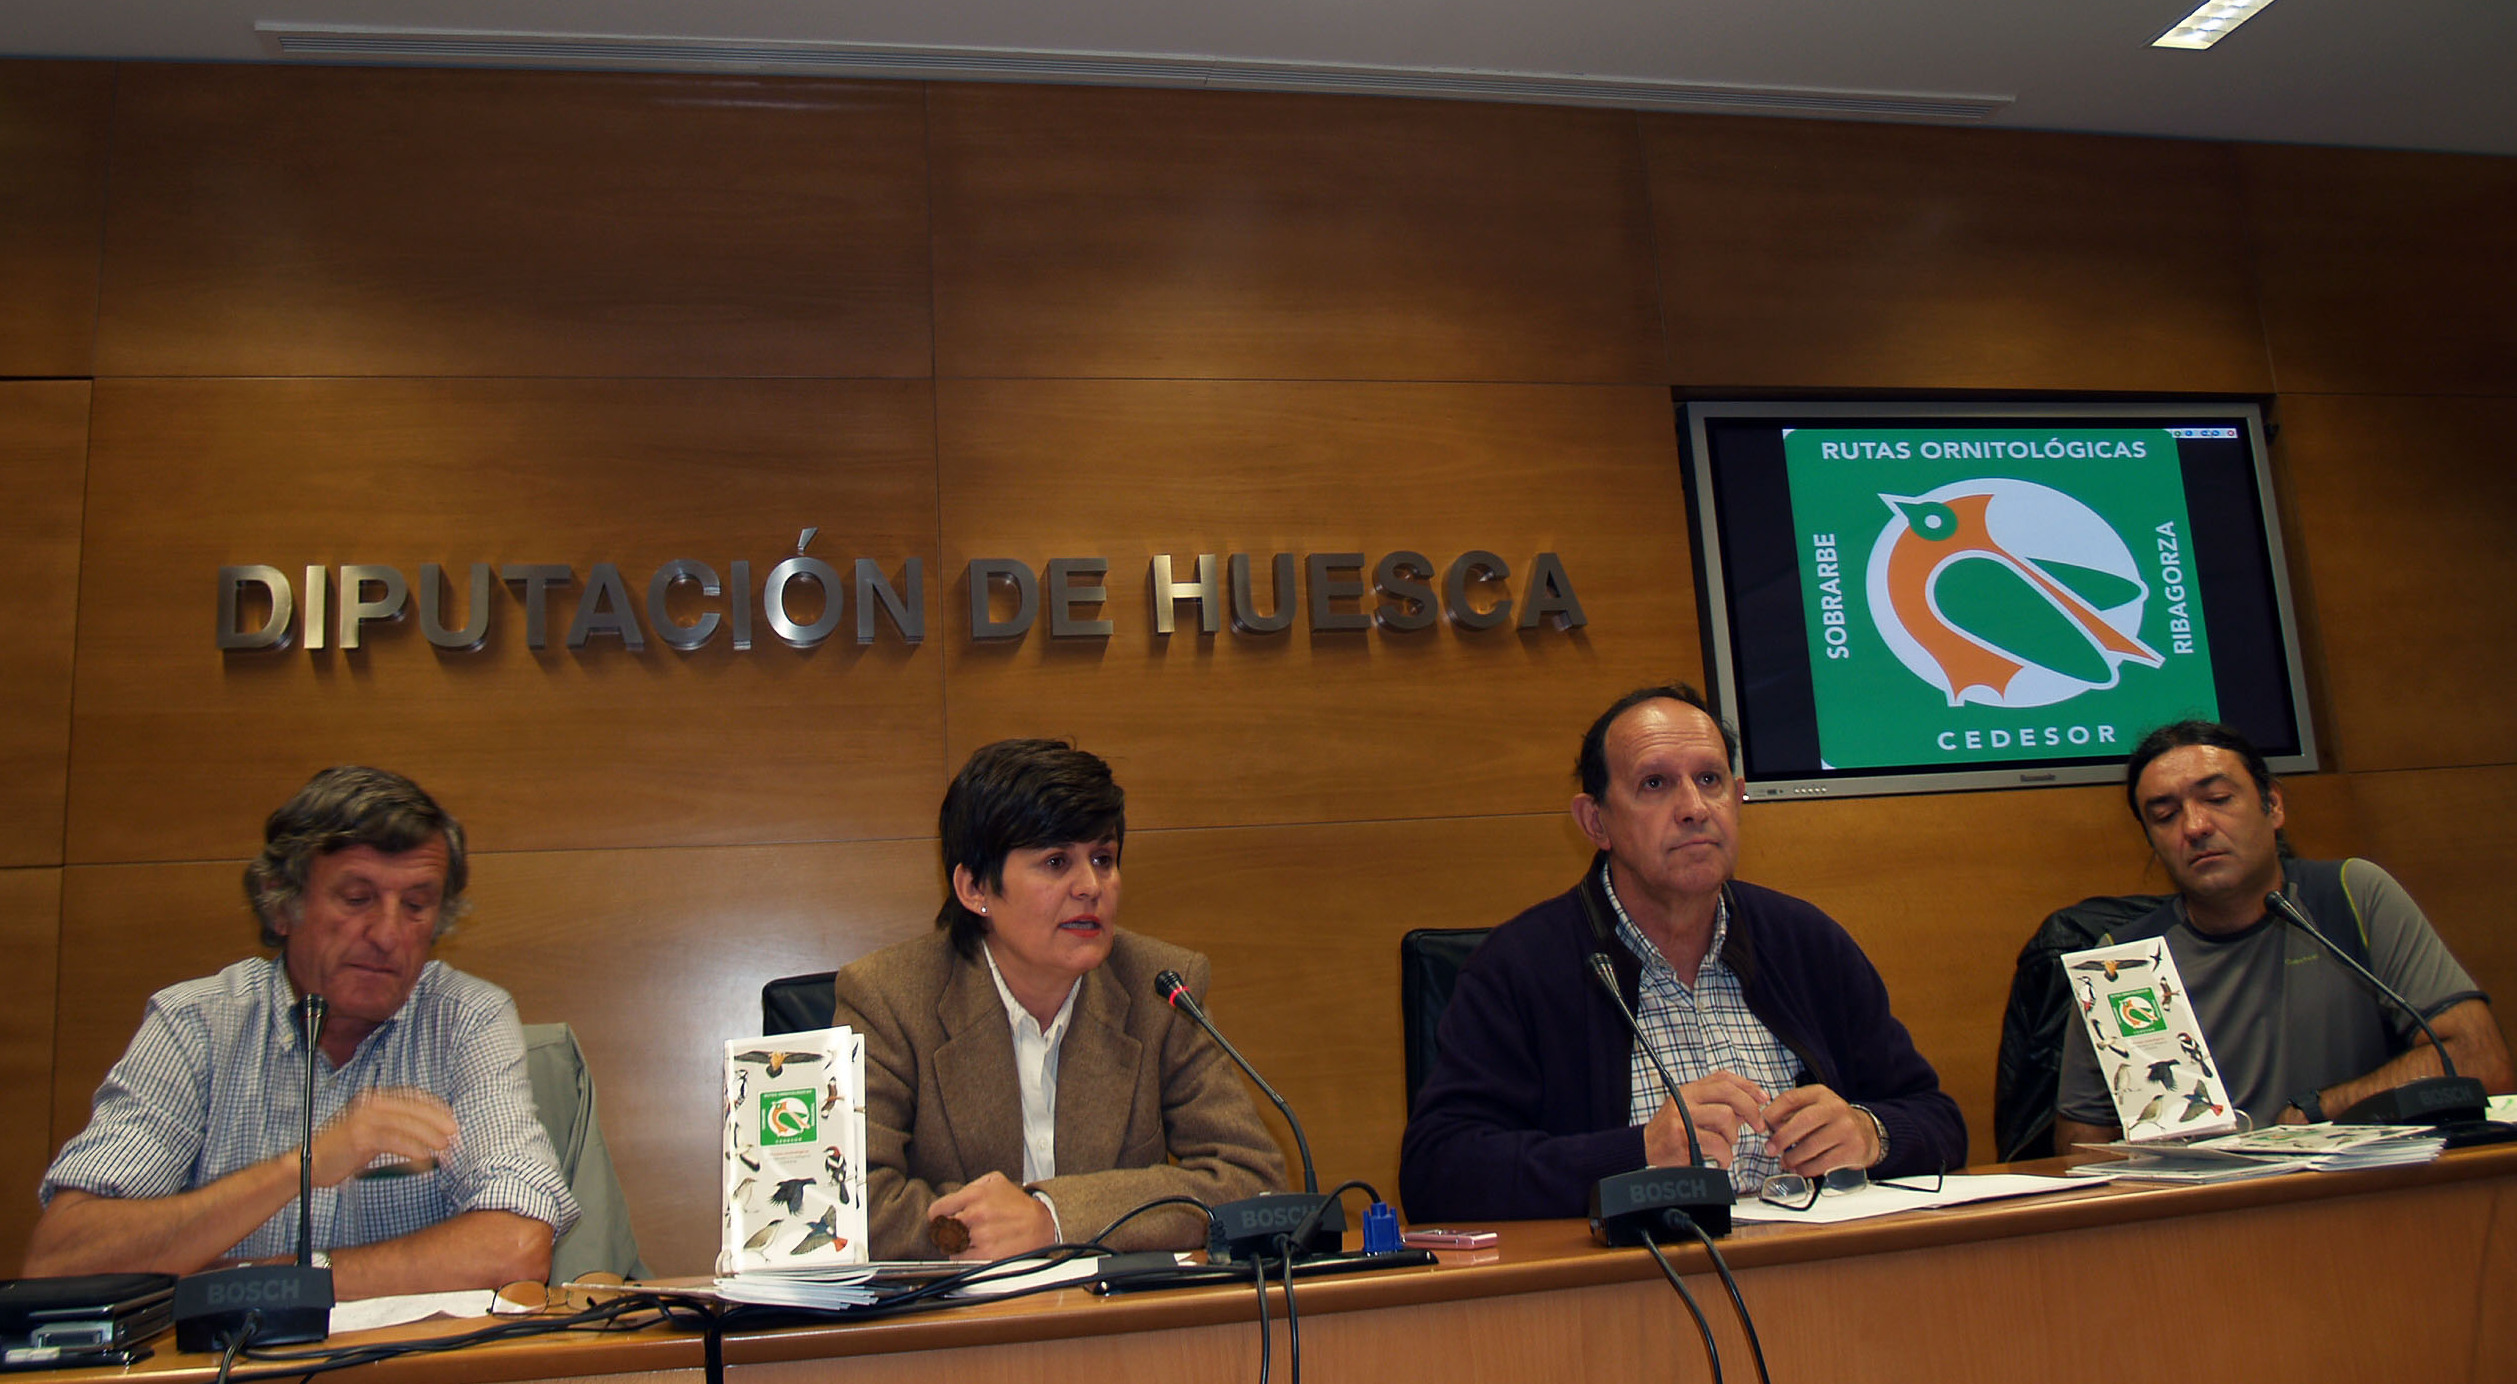 Presentación de las guías ornitológicas de Sobrarbe y Ribagorza.